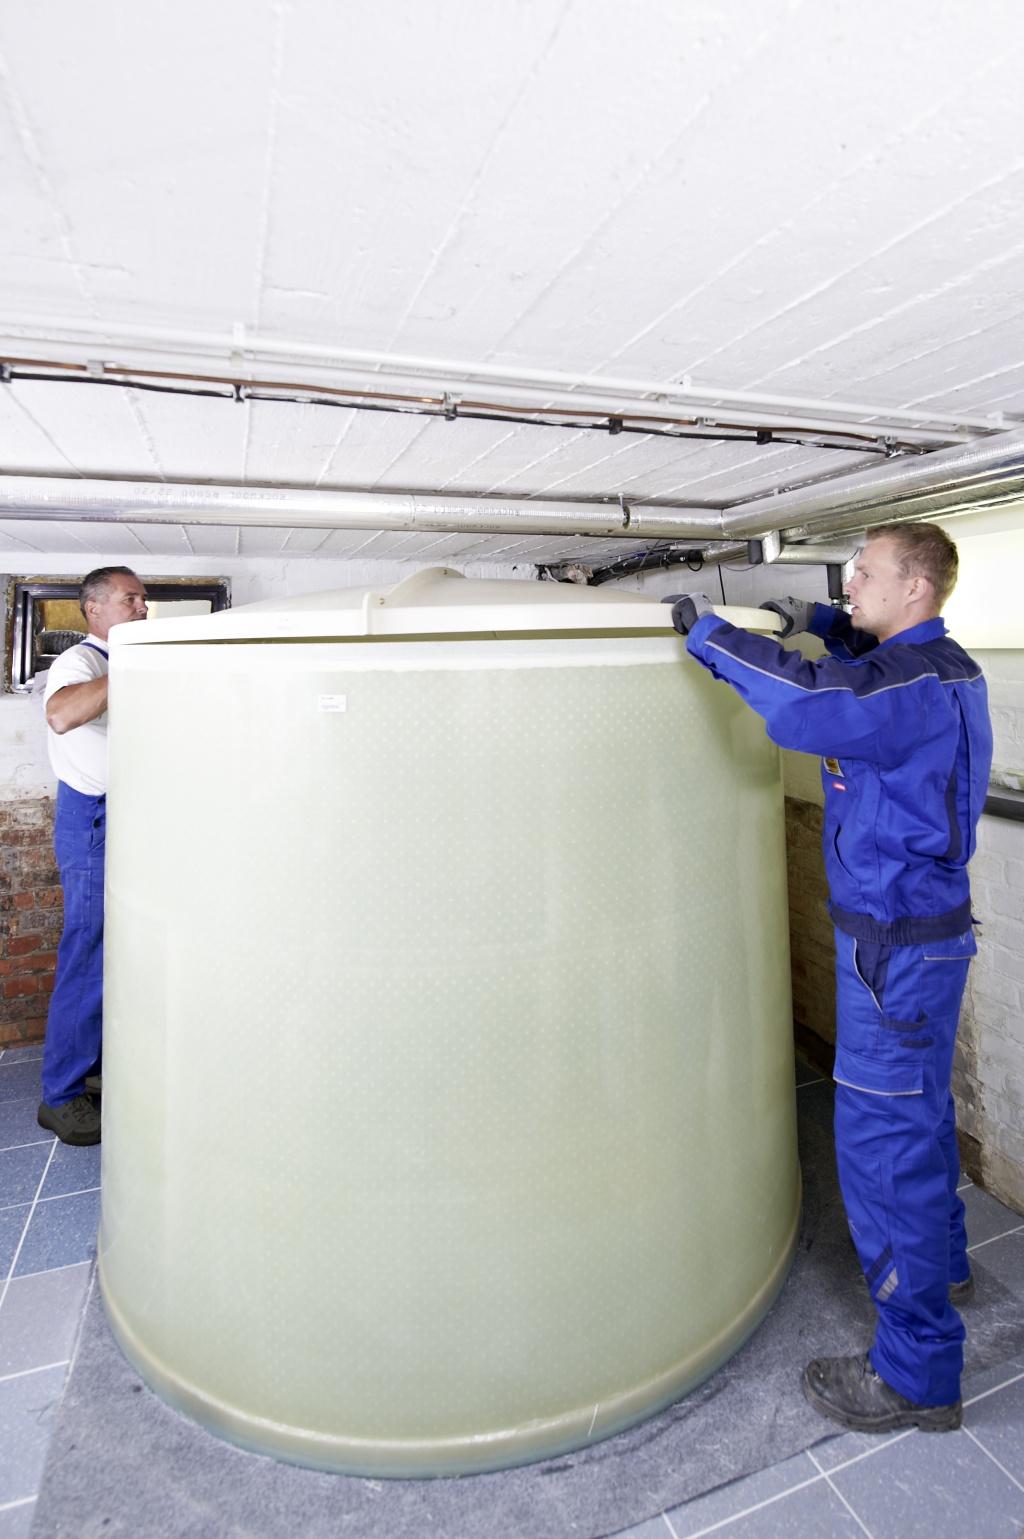 Beer Energien Heizöl Kellertank von Haase passt überall hindurch Montage